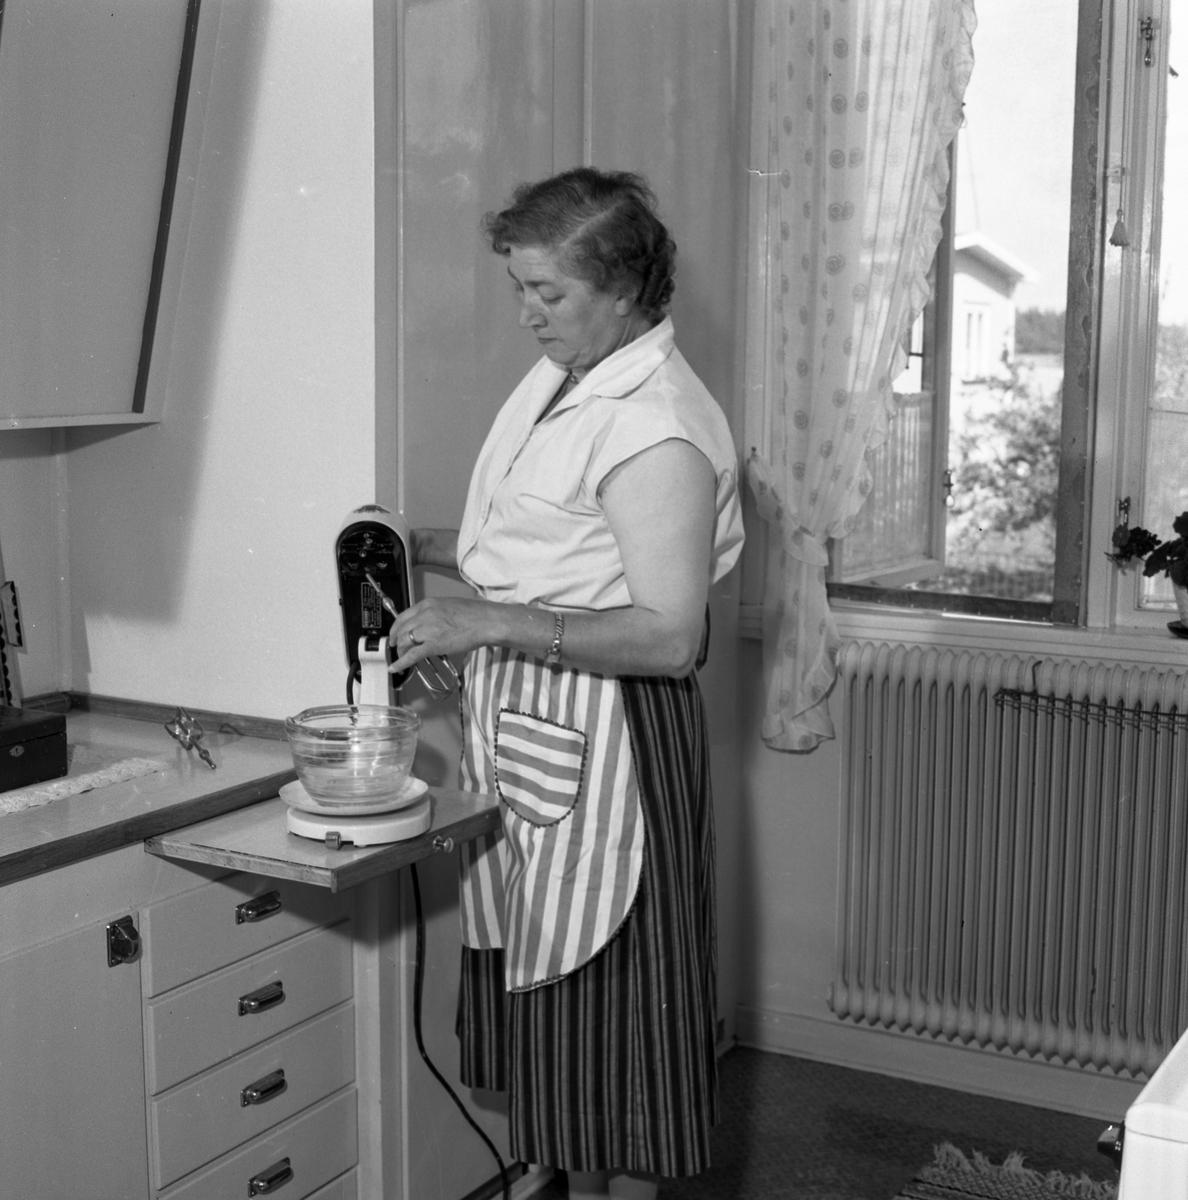 Fru Blomberg i köket. Hon är iklädd ett förkläde och har just tagit fram en skål och en el-visp. Fönstret är öppet och hon har myggnätet isatt. En krukväxt står på fönsterbrädan. Kvinnan är gift med Jakob Blomberg som arbetar på Arboga Mekaniska Verkstad. AMV